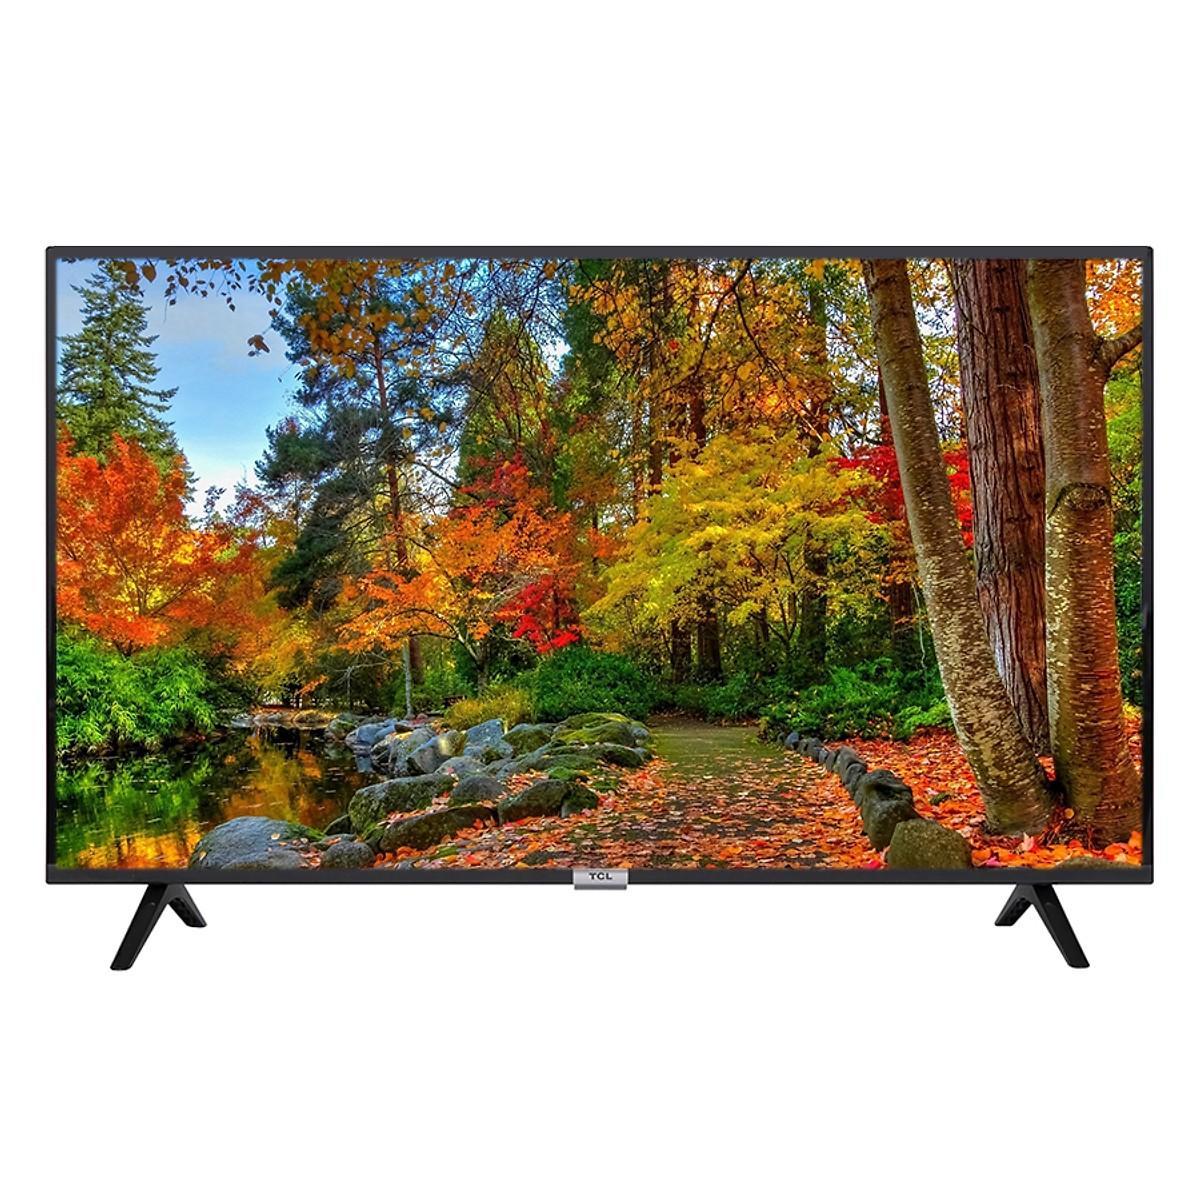 Bảng giá ANDROID TIVI TCL 49 INCH FULL HD L49S6500 - Hàng chính hãng - Hình ảnh Full HD sắc nét, khởi động nhanh 4 giây, dải tương phản động HDR - Bảo hành 1 năm